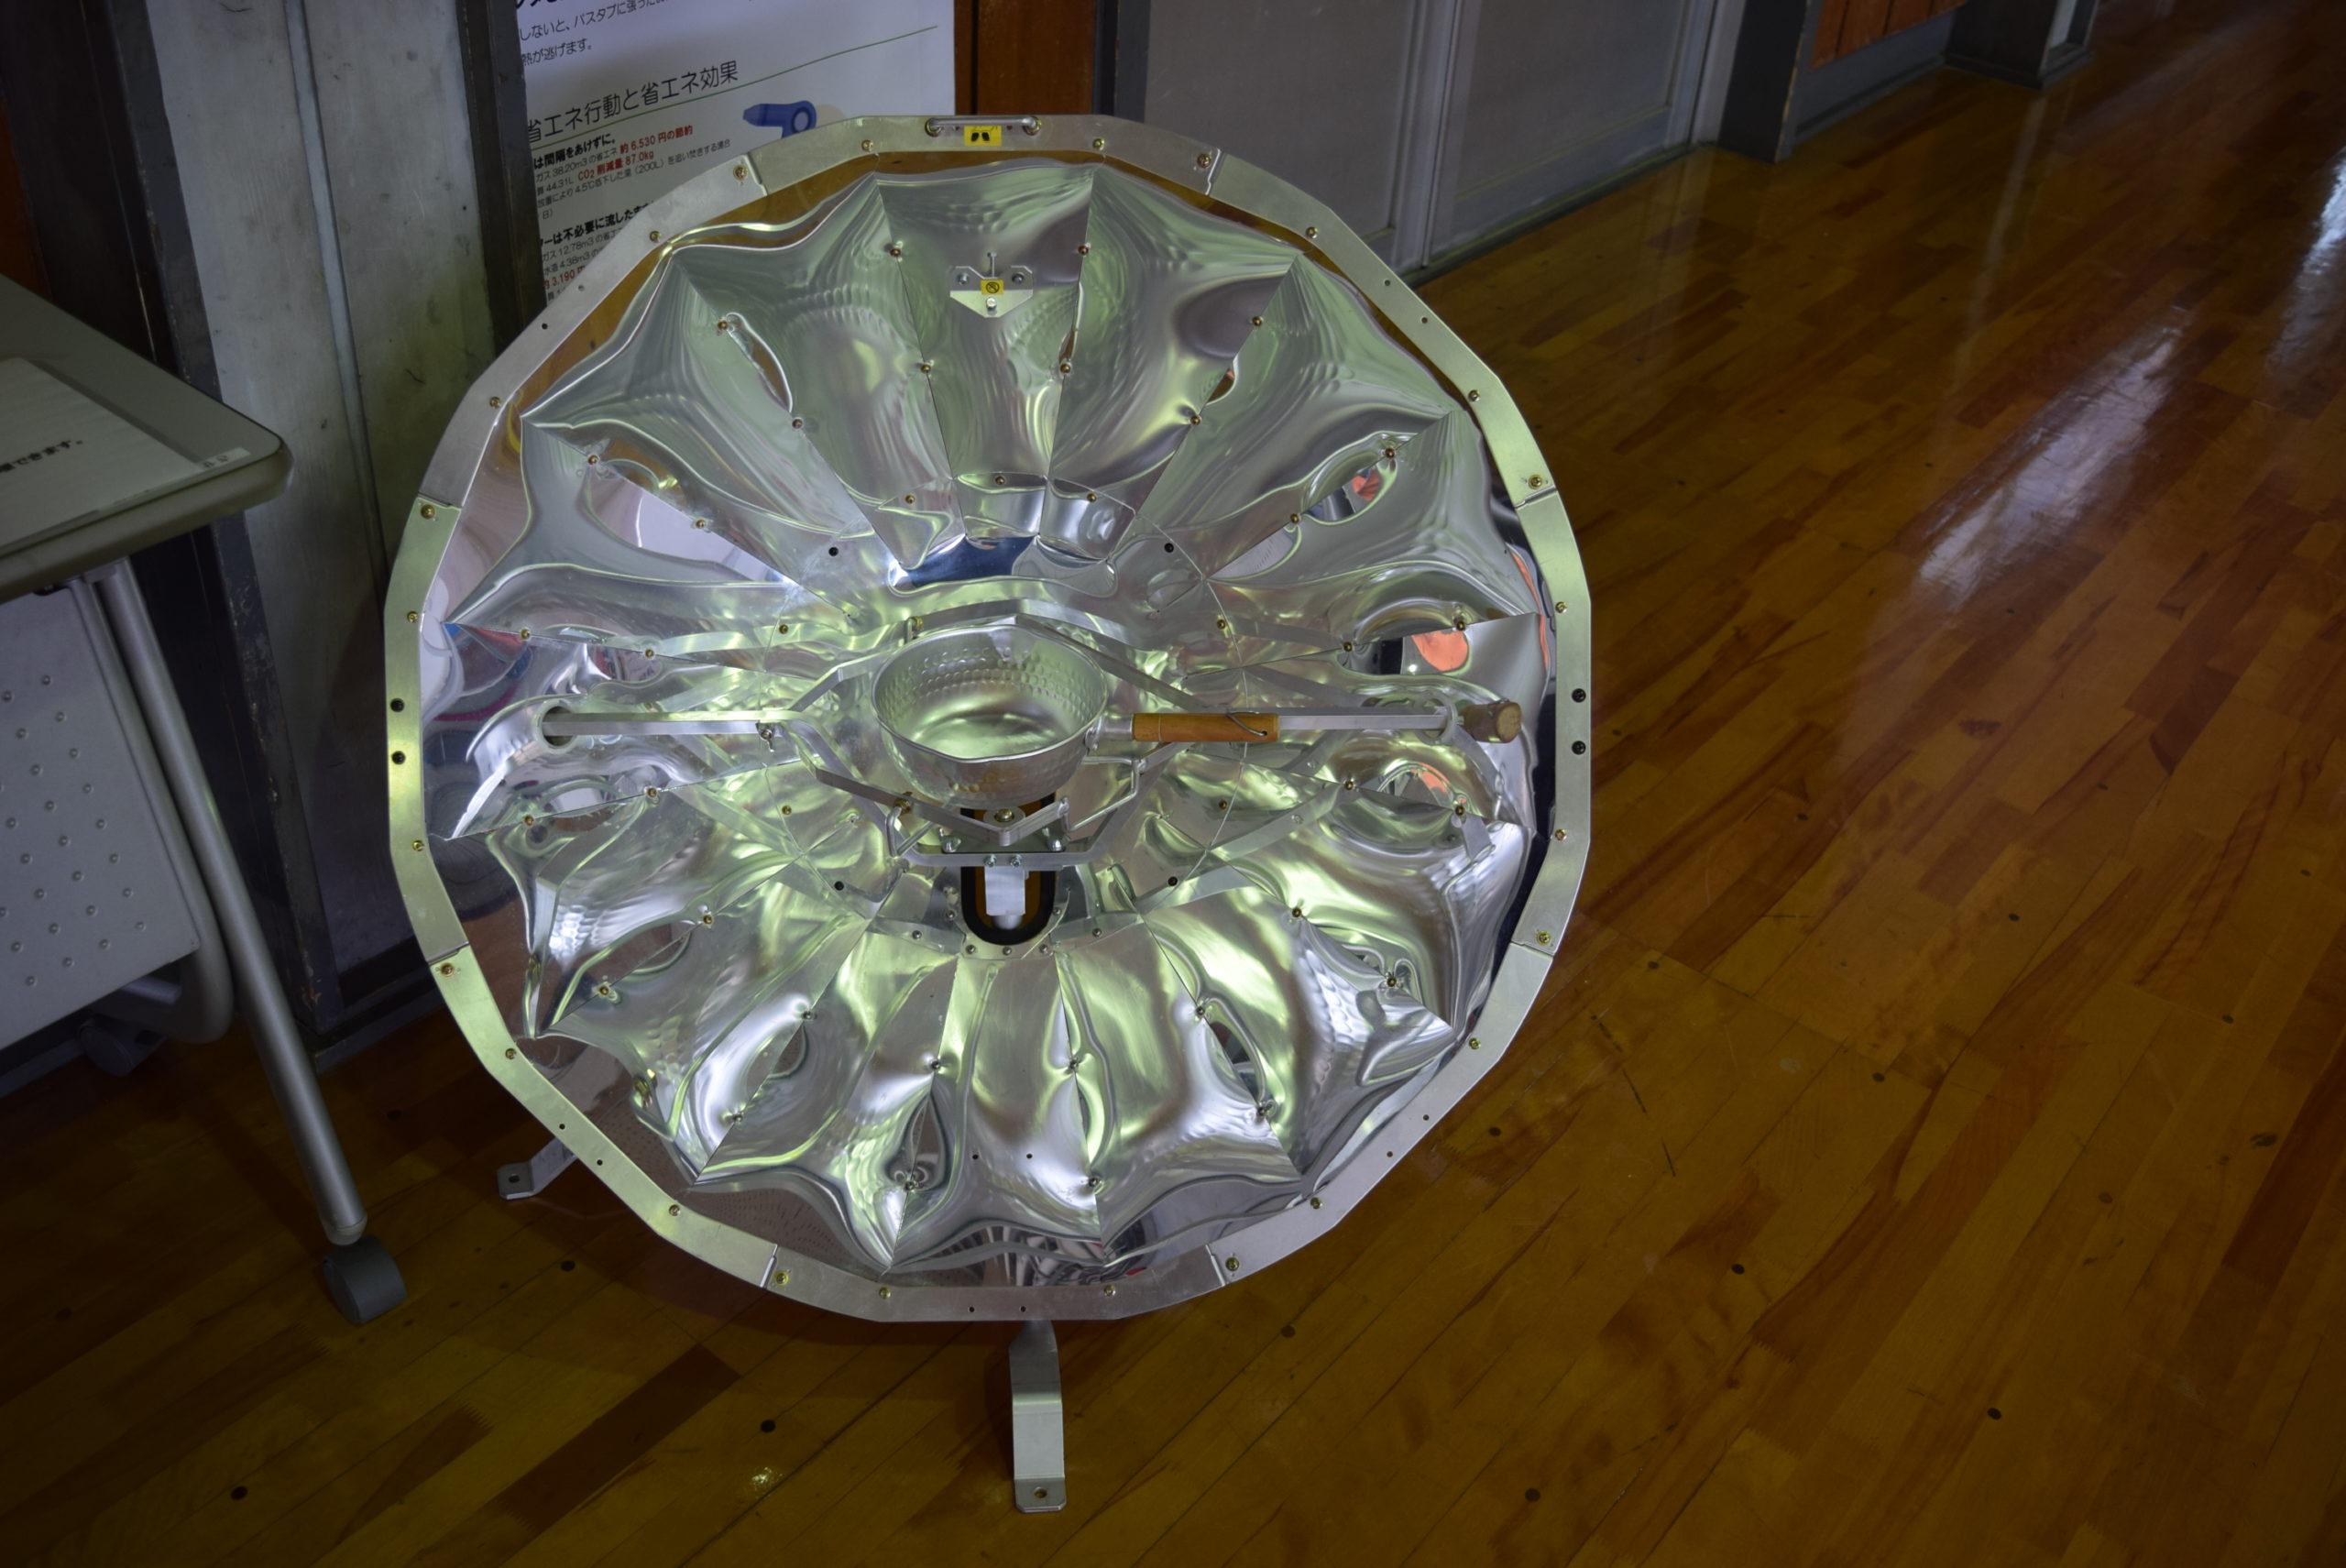 ソーラークッカー:太陽熱だけでお湯を沸かしたり簡単な調理を行うことができる装置です。